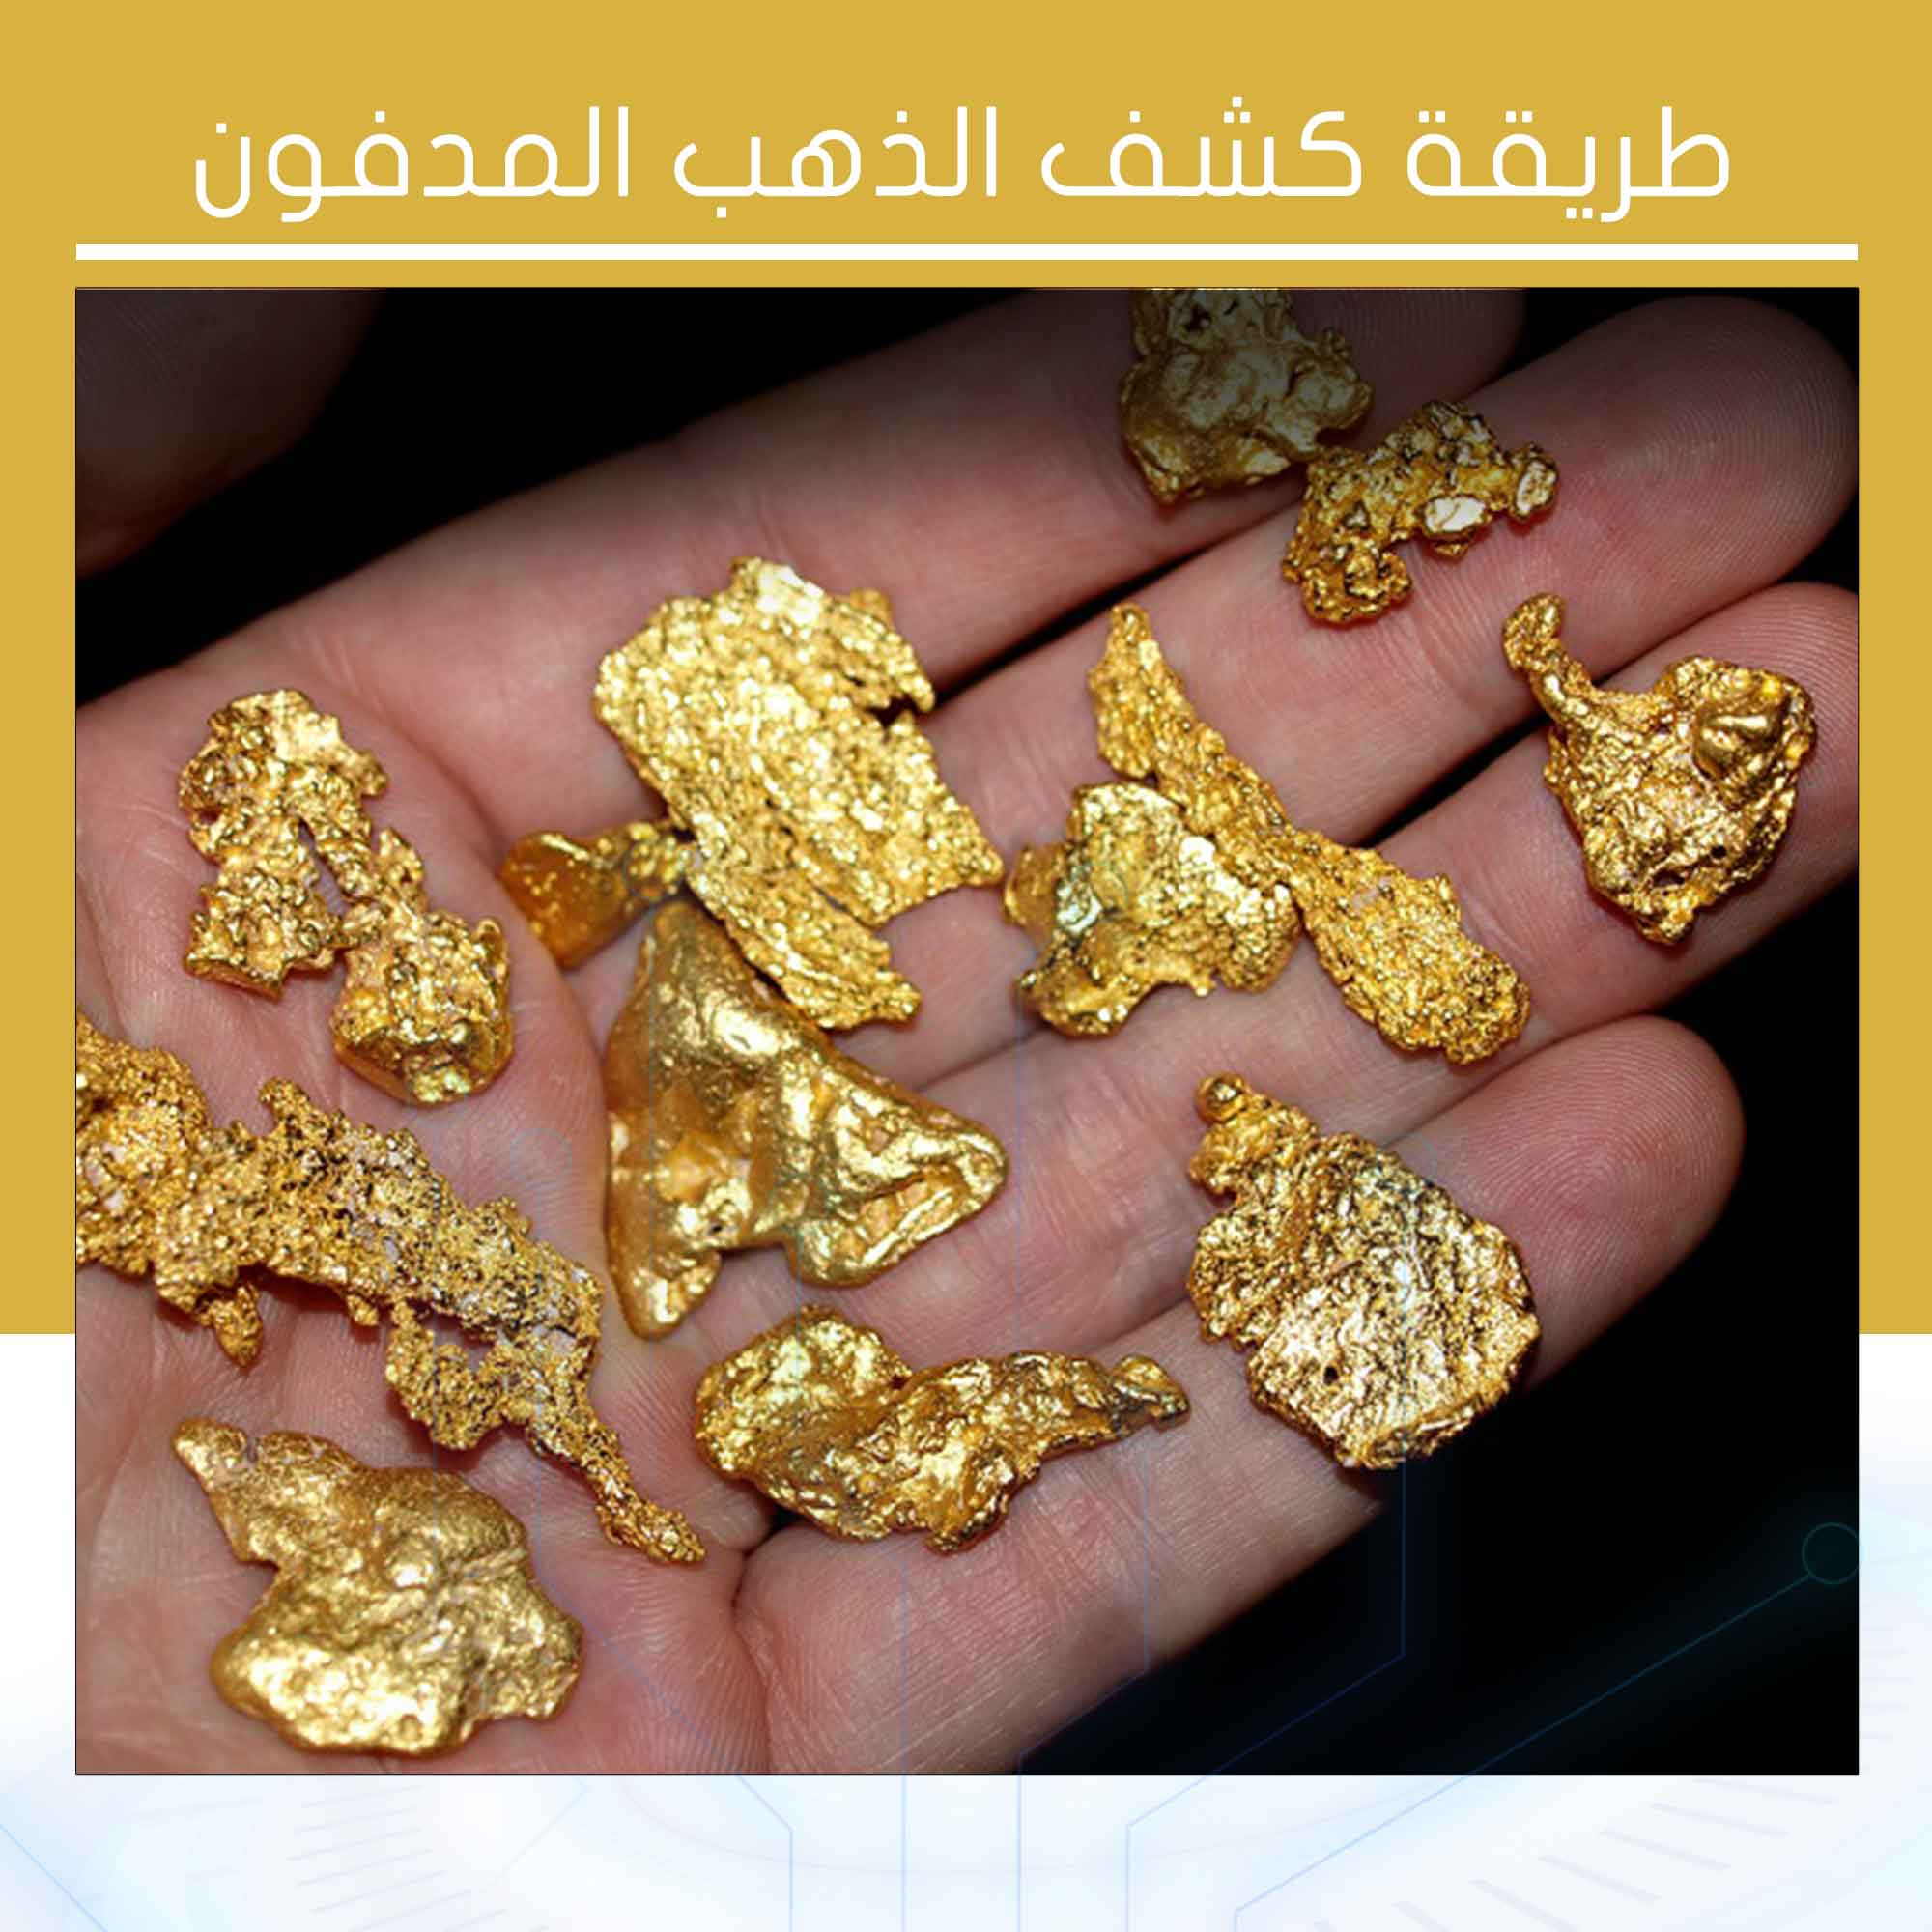 طريقة كشف الذهب المدفون